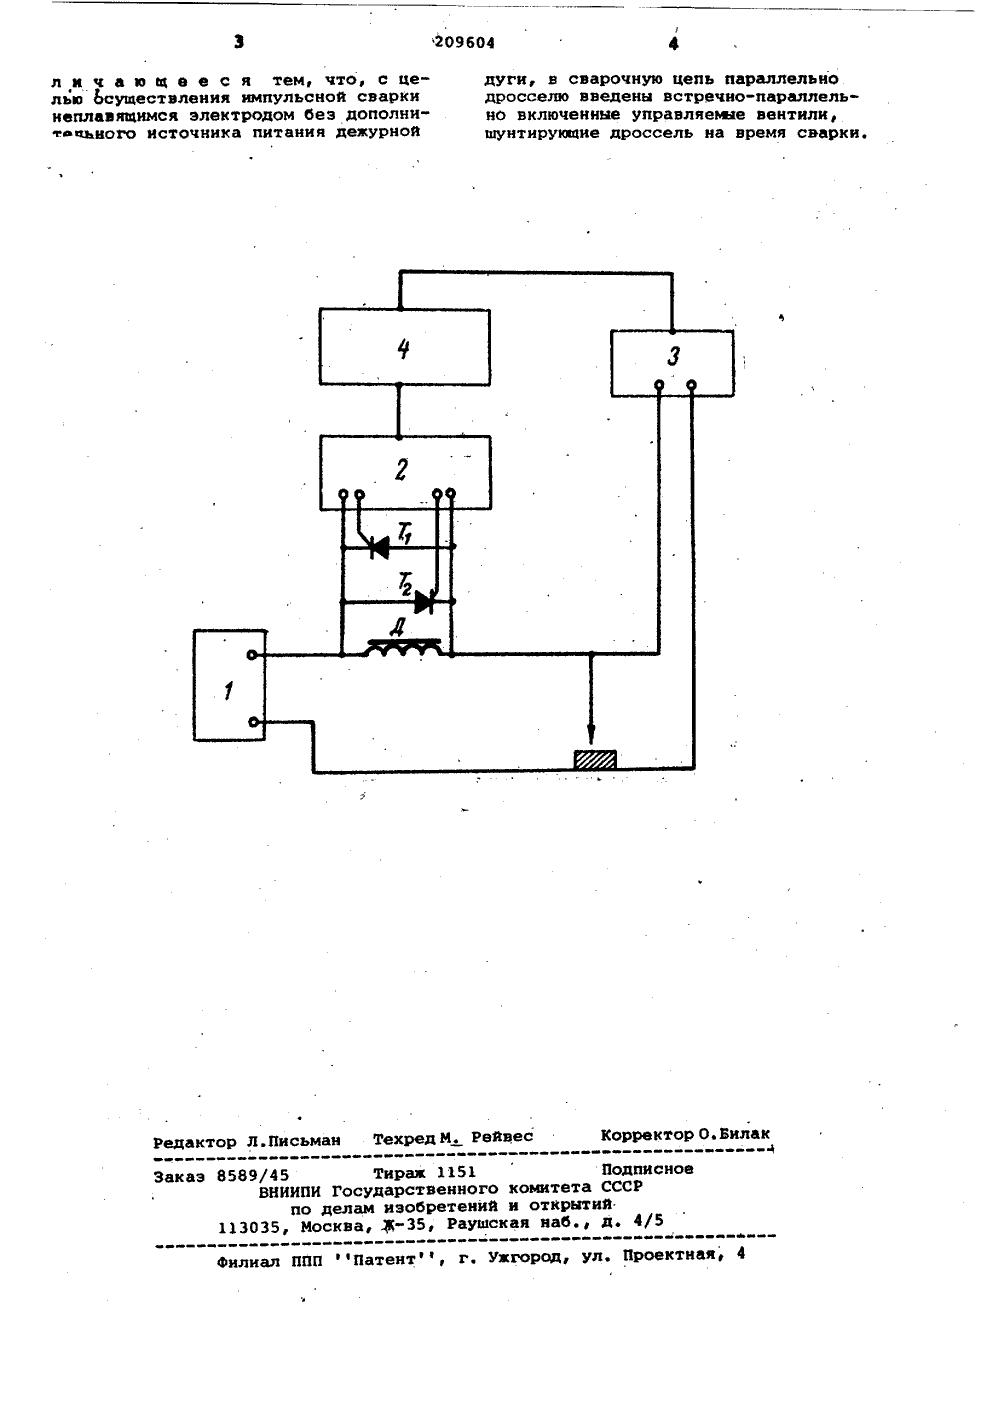 Схема импульсной дуговой сварки